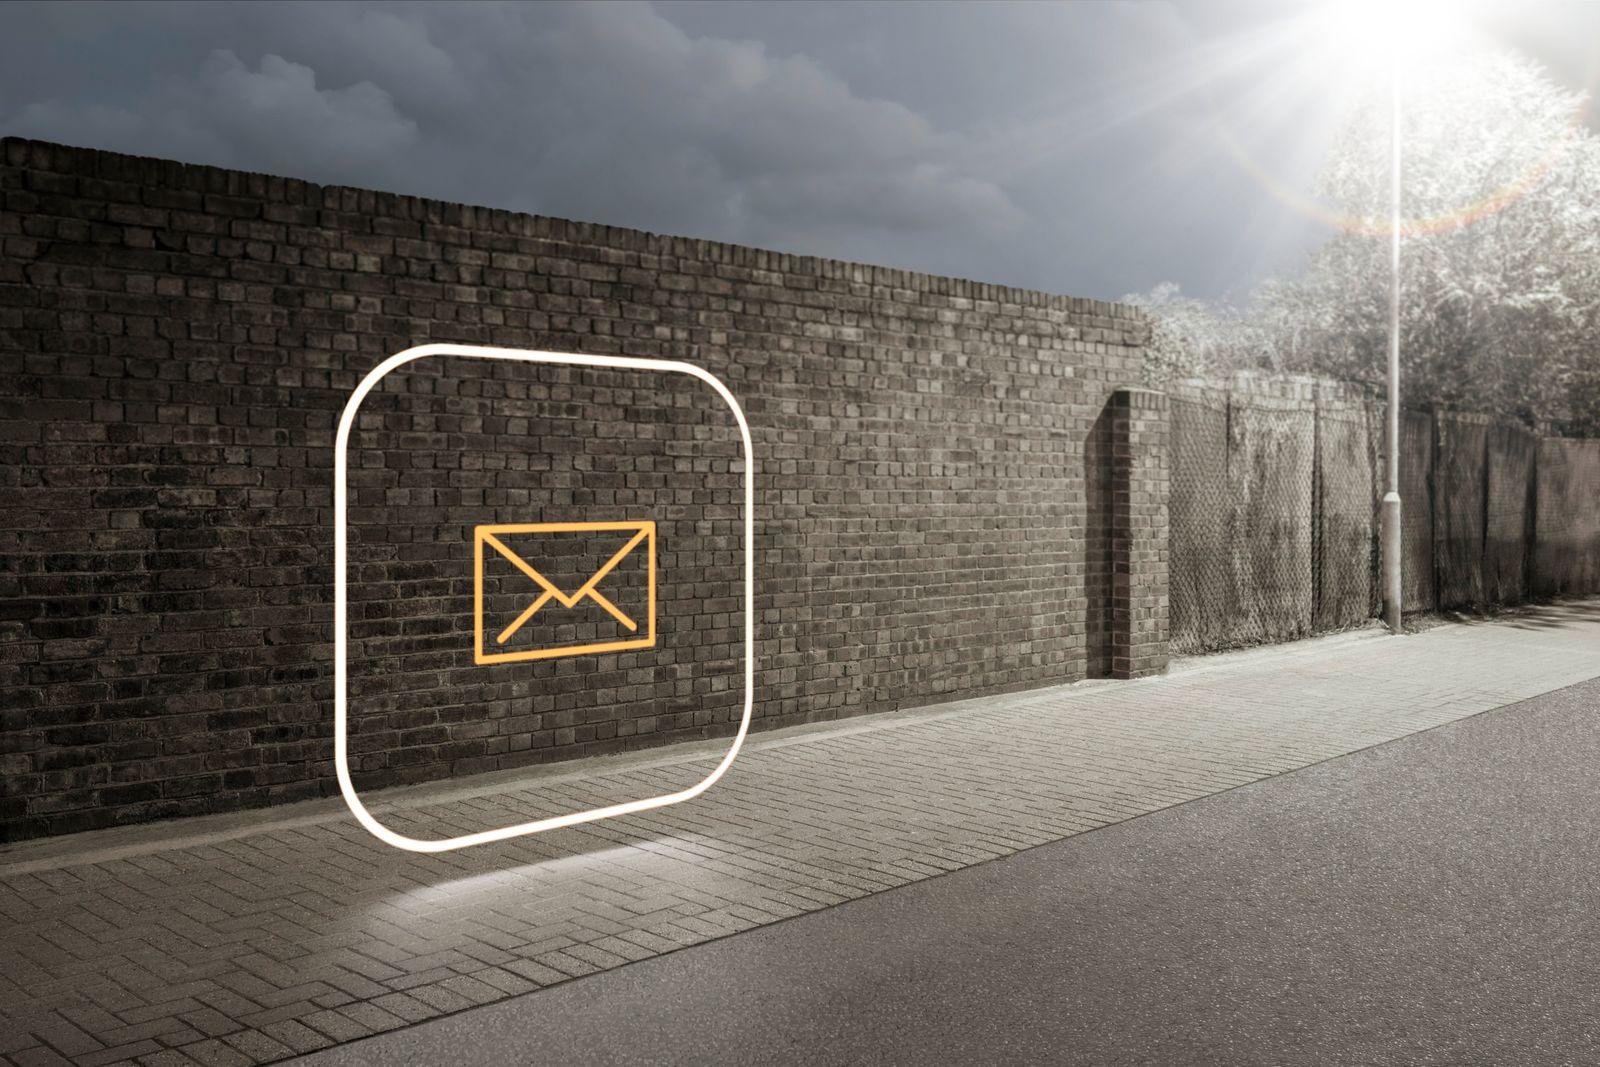 NICHT MEHR VERWENDEN! - Symbolbild E-Mail/ E-Mails/ Posteingang